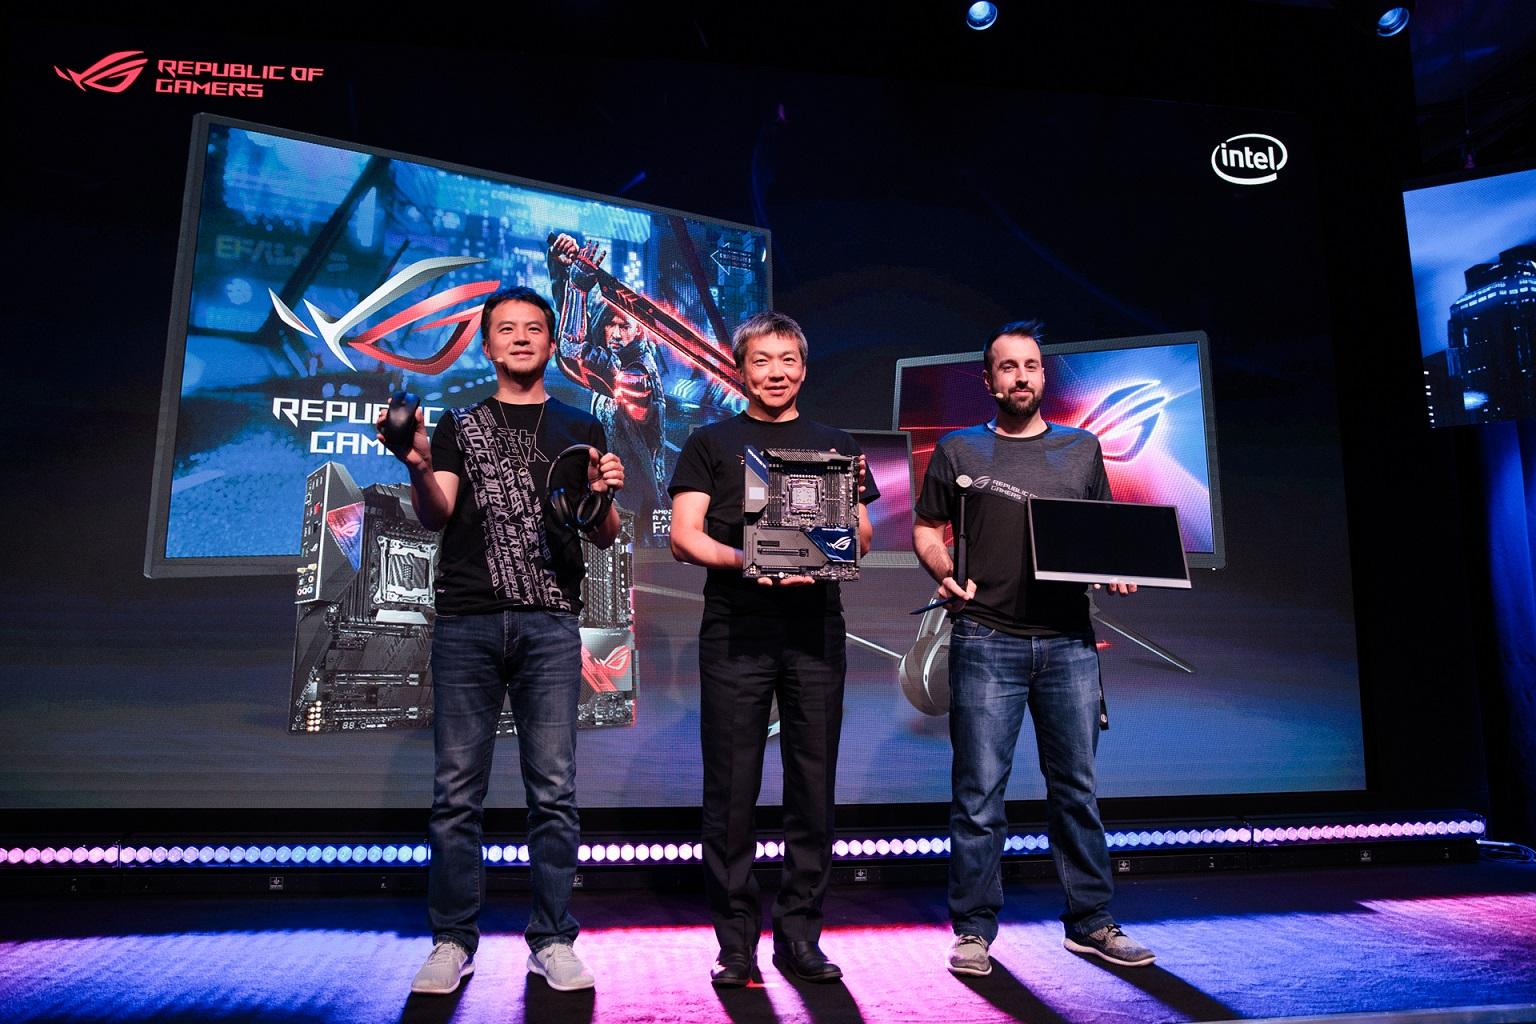 2019德國科隆電玩展今起正式起跑!ROG玩家共和國於開展首日同步舉辦「Intelligent Evolution」新品發表會,展示旗下最新玩家首選配備。.jpg